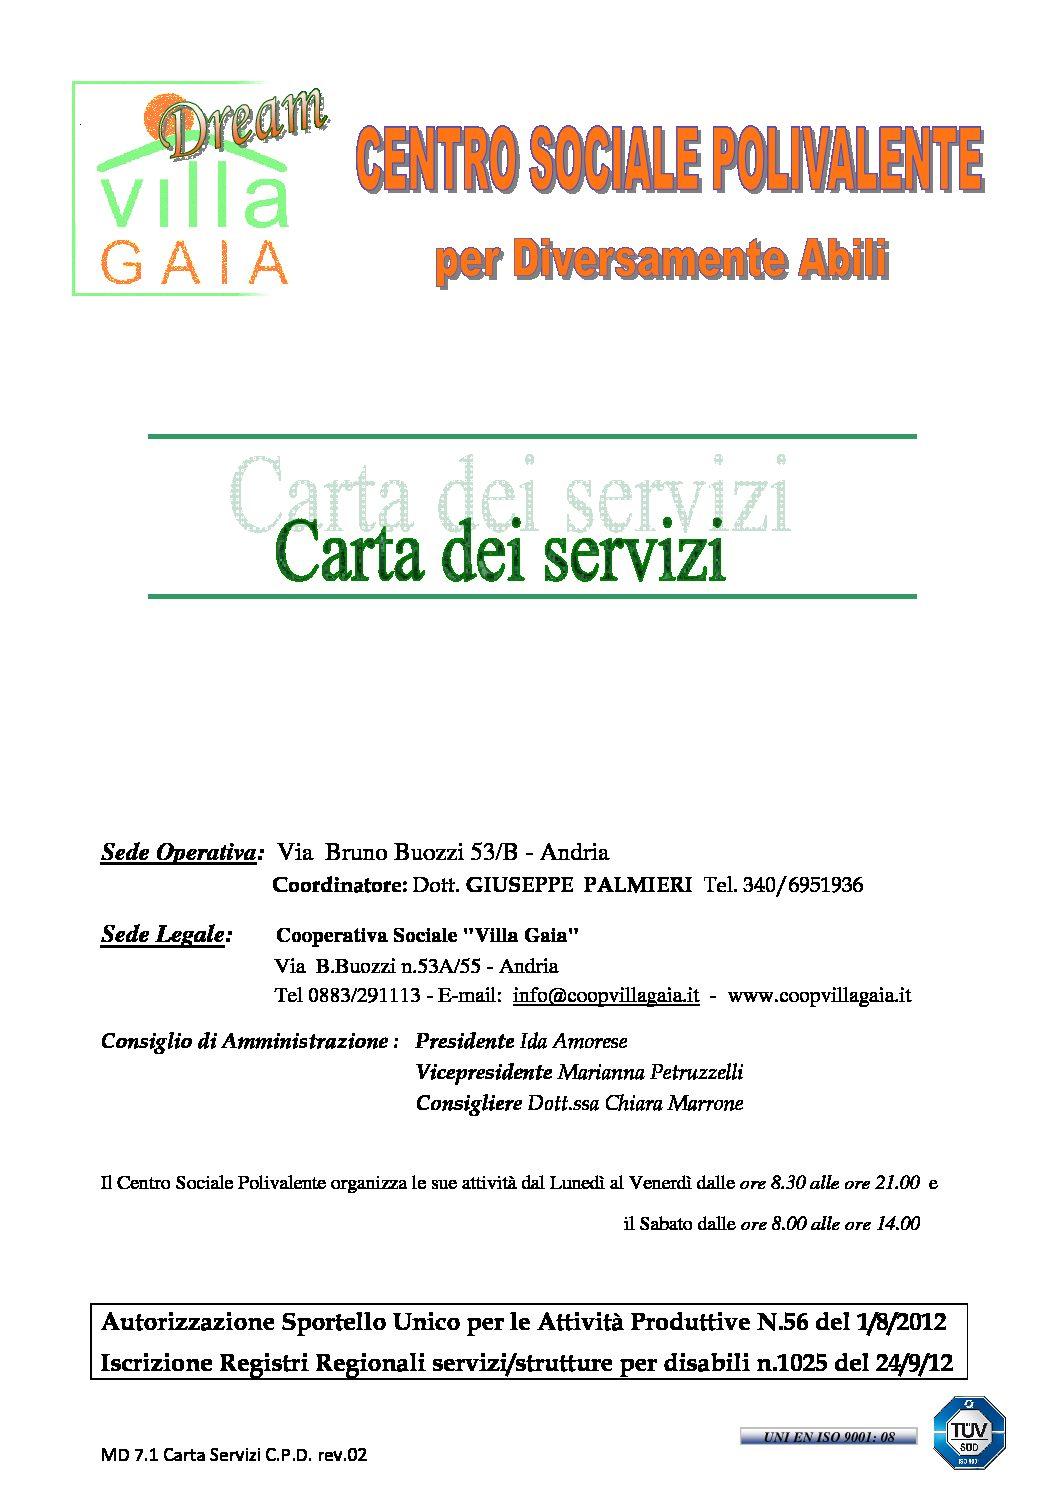 villa gaia dream carta servizi